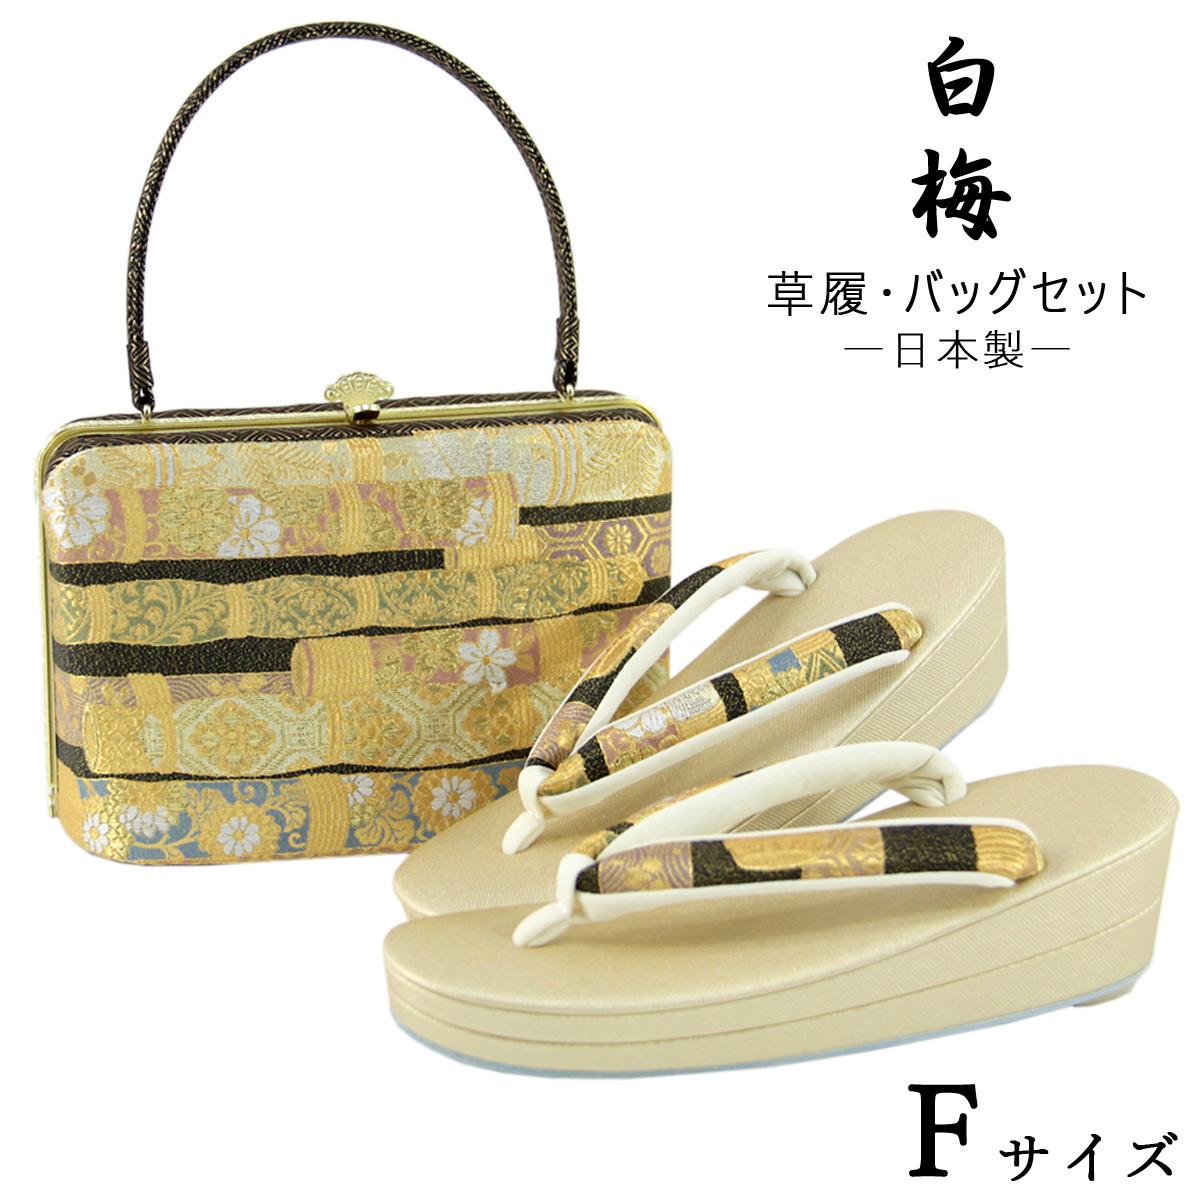 白梅 草履バッグセット -53- 礼装 Fサイズ 日本製 ゴールド 有職文様